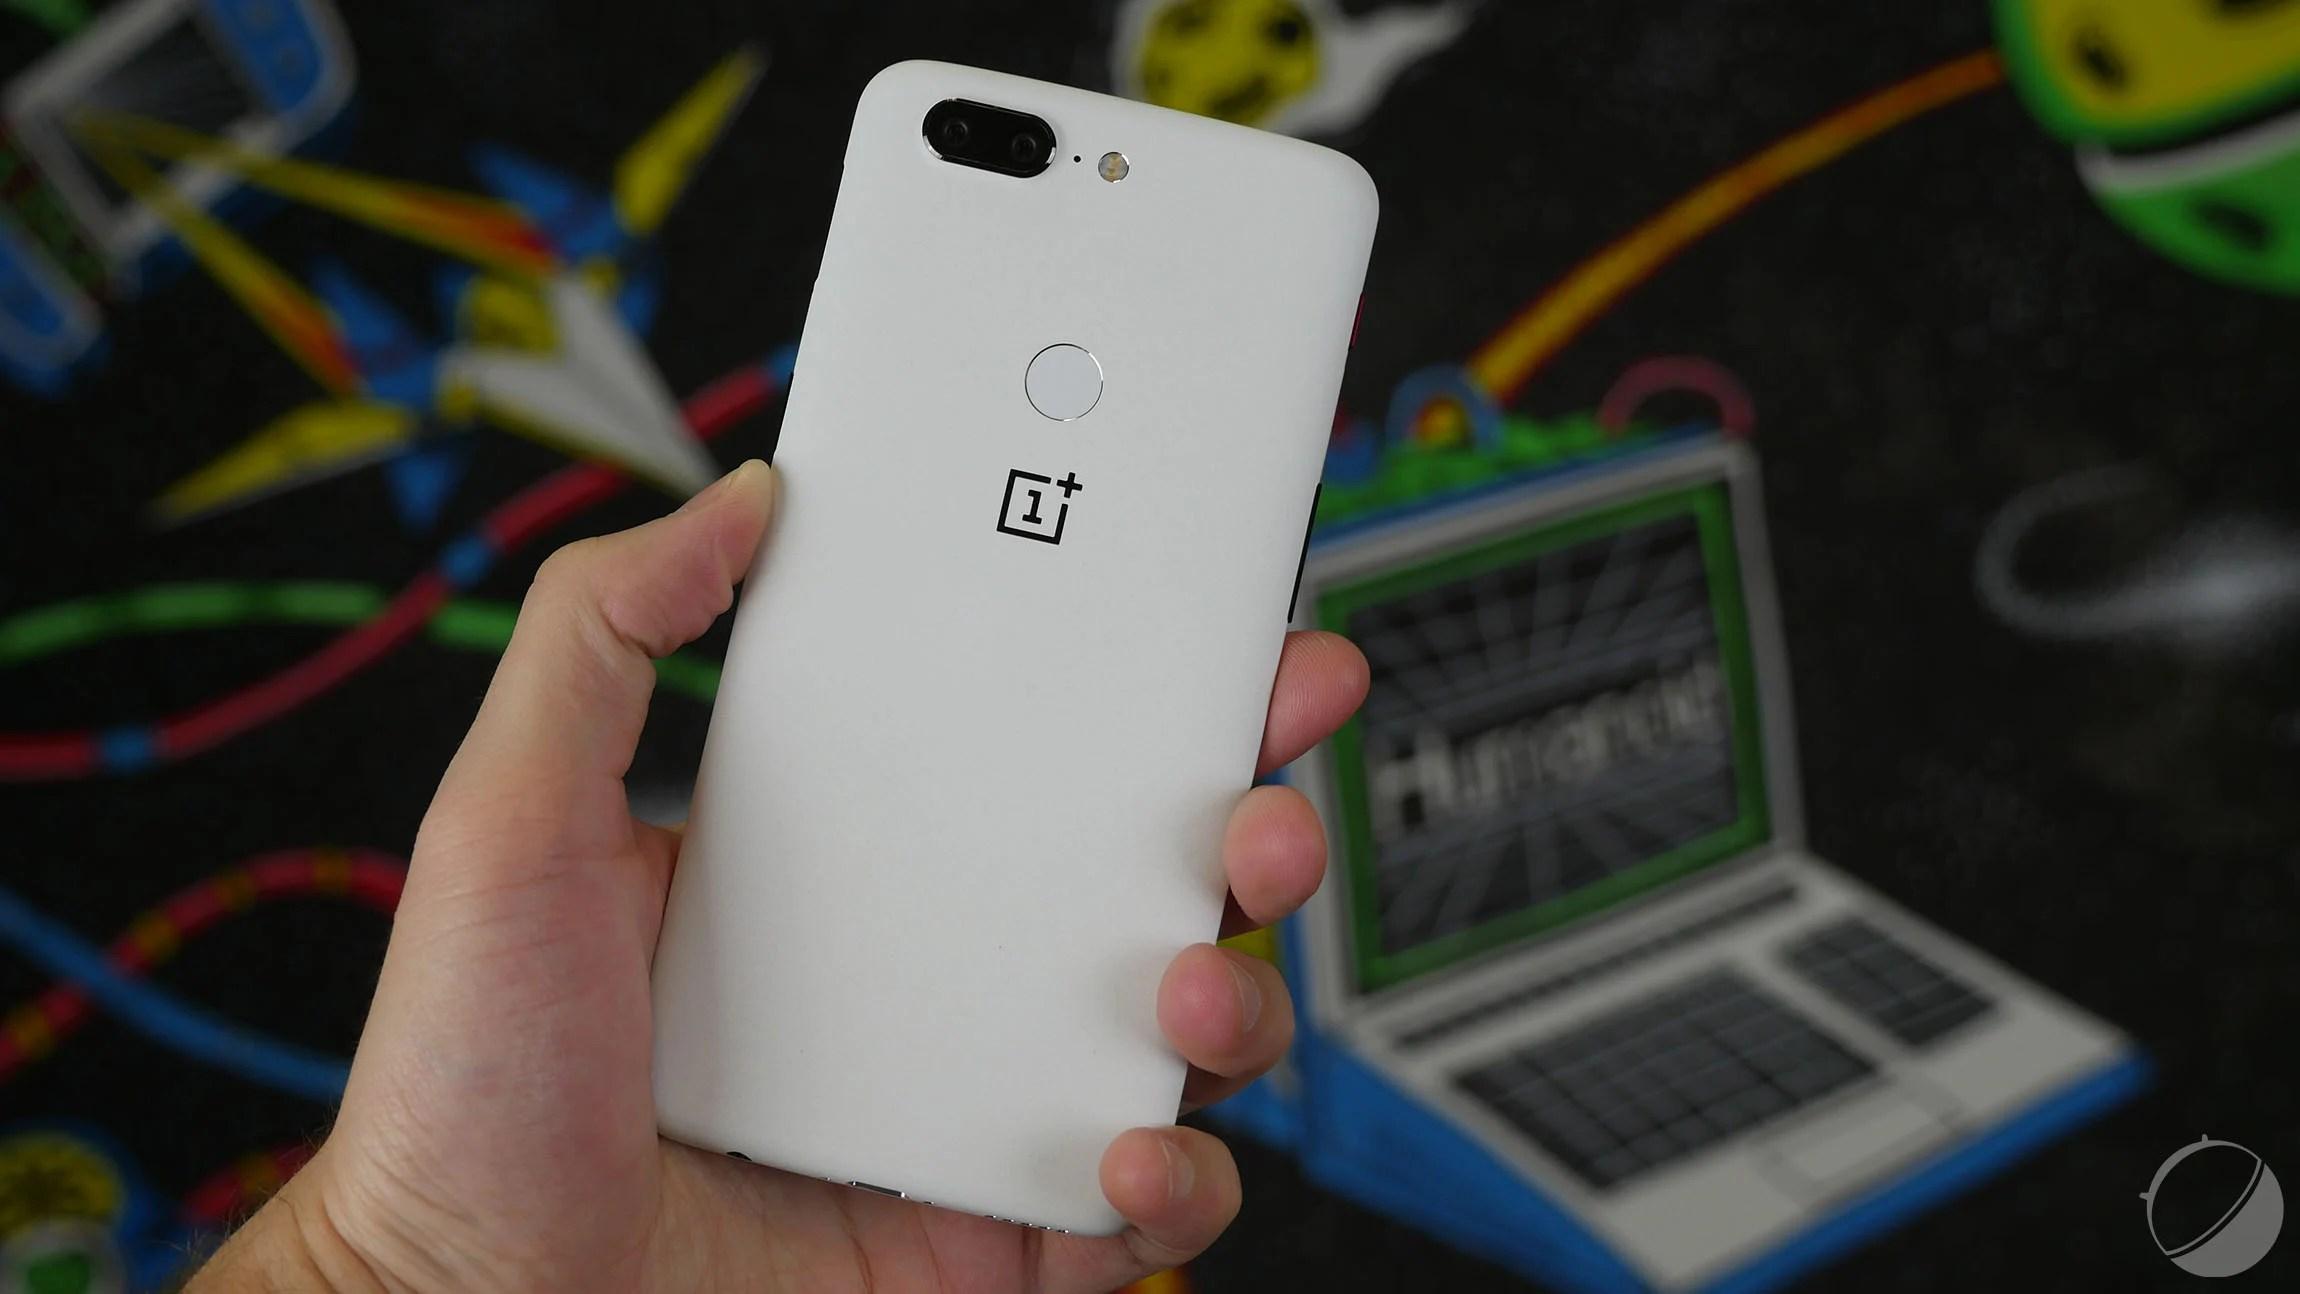 Oneplus 5 et 5T : la mise à jour vers Android 9 Pie arrive bientôt (en bêta)